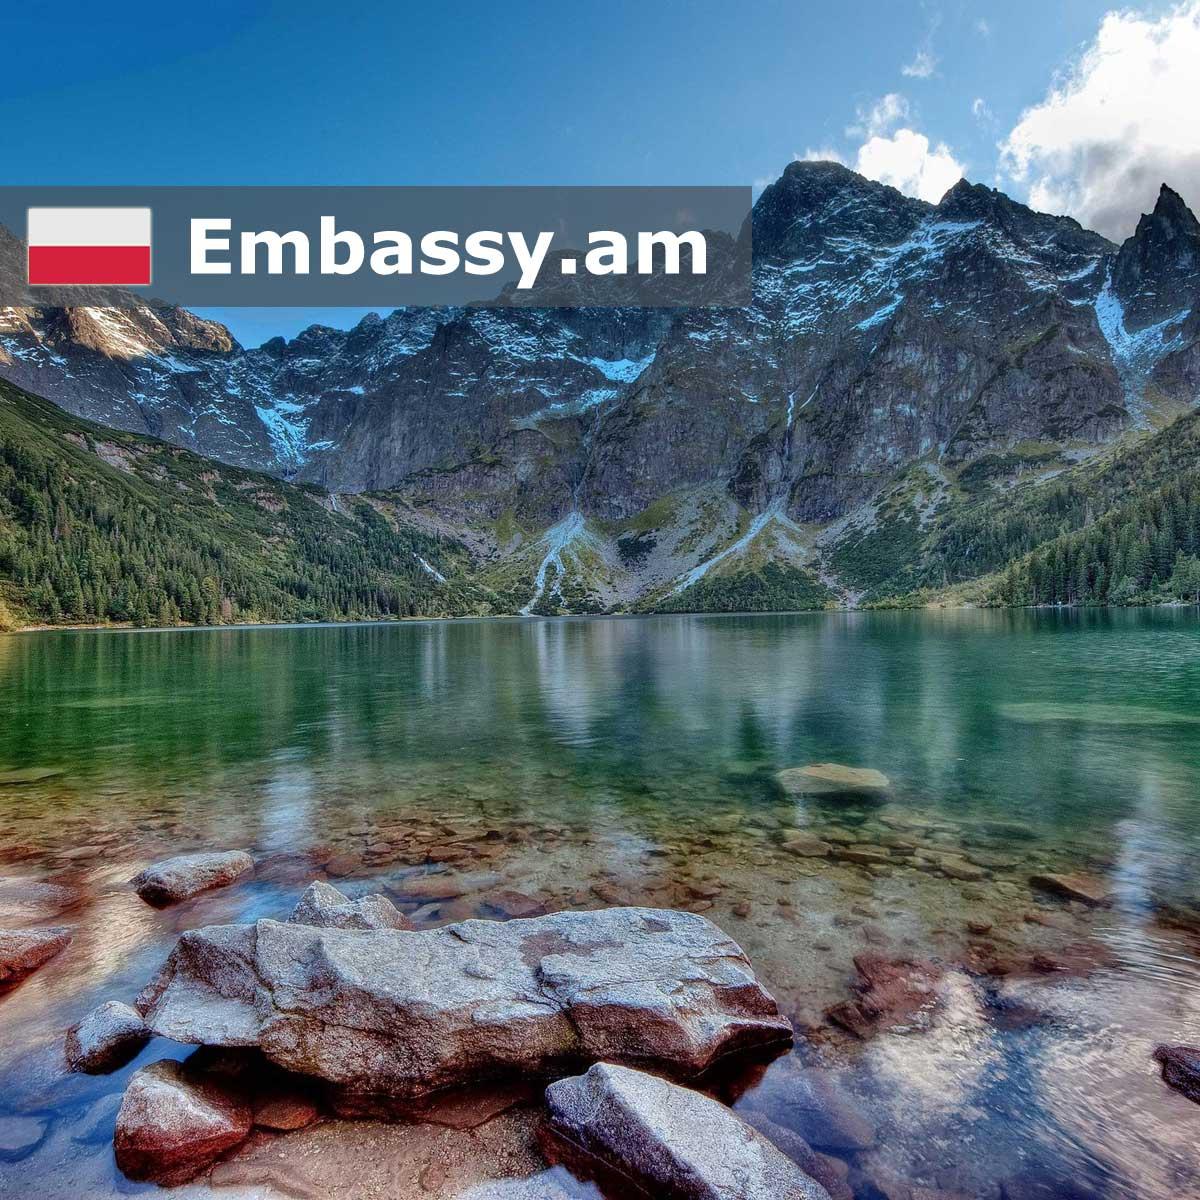 Закопане - Отели в Польши - Embassy.am